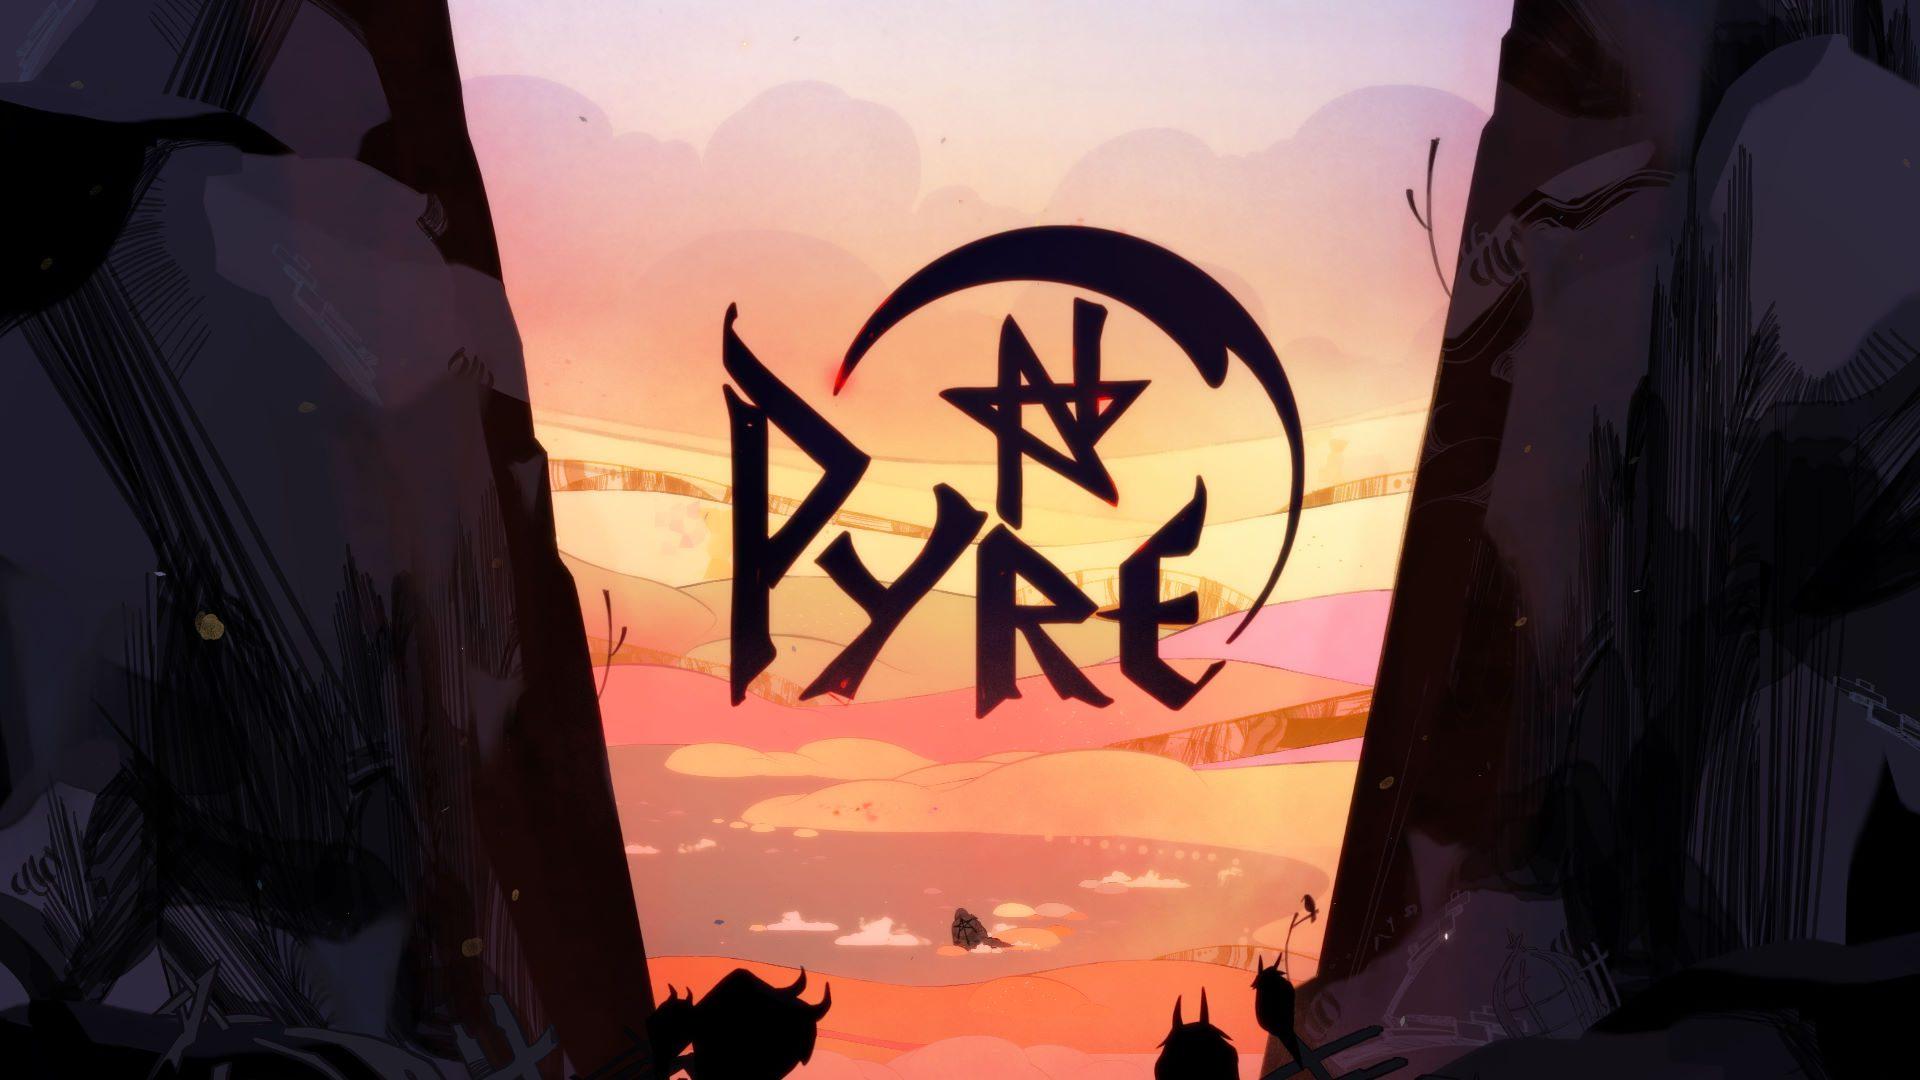 Pyre logo